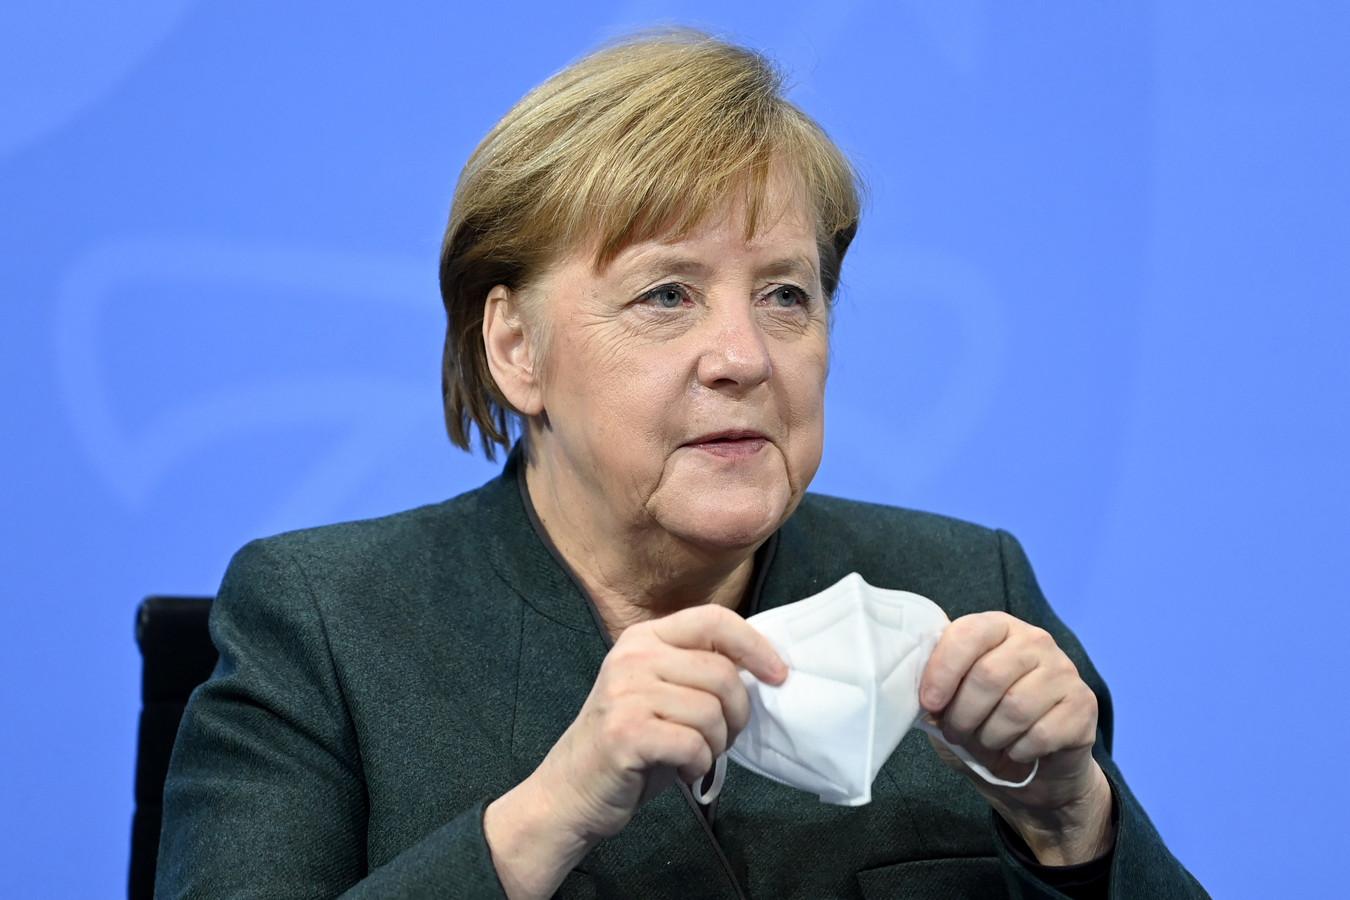 De Duitse bondskanselier Angela Merkel zet haar FFP2-mondmasker weer op na een persconferentie.